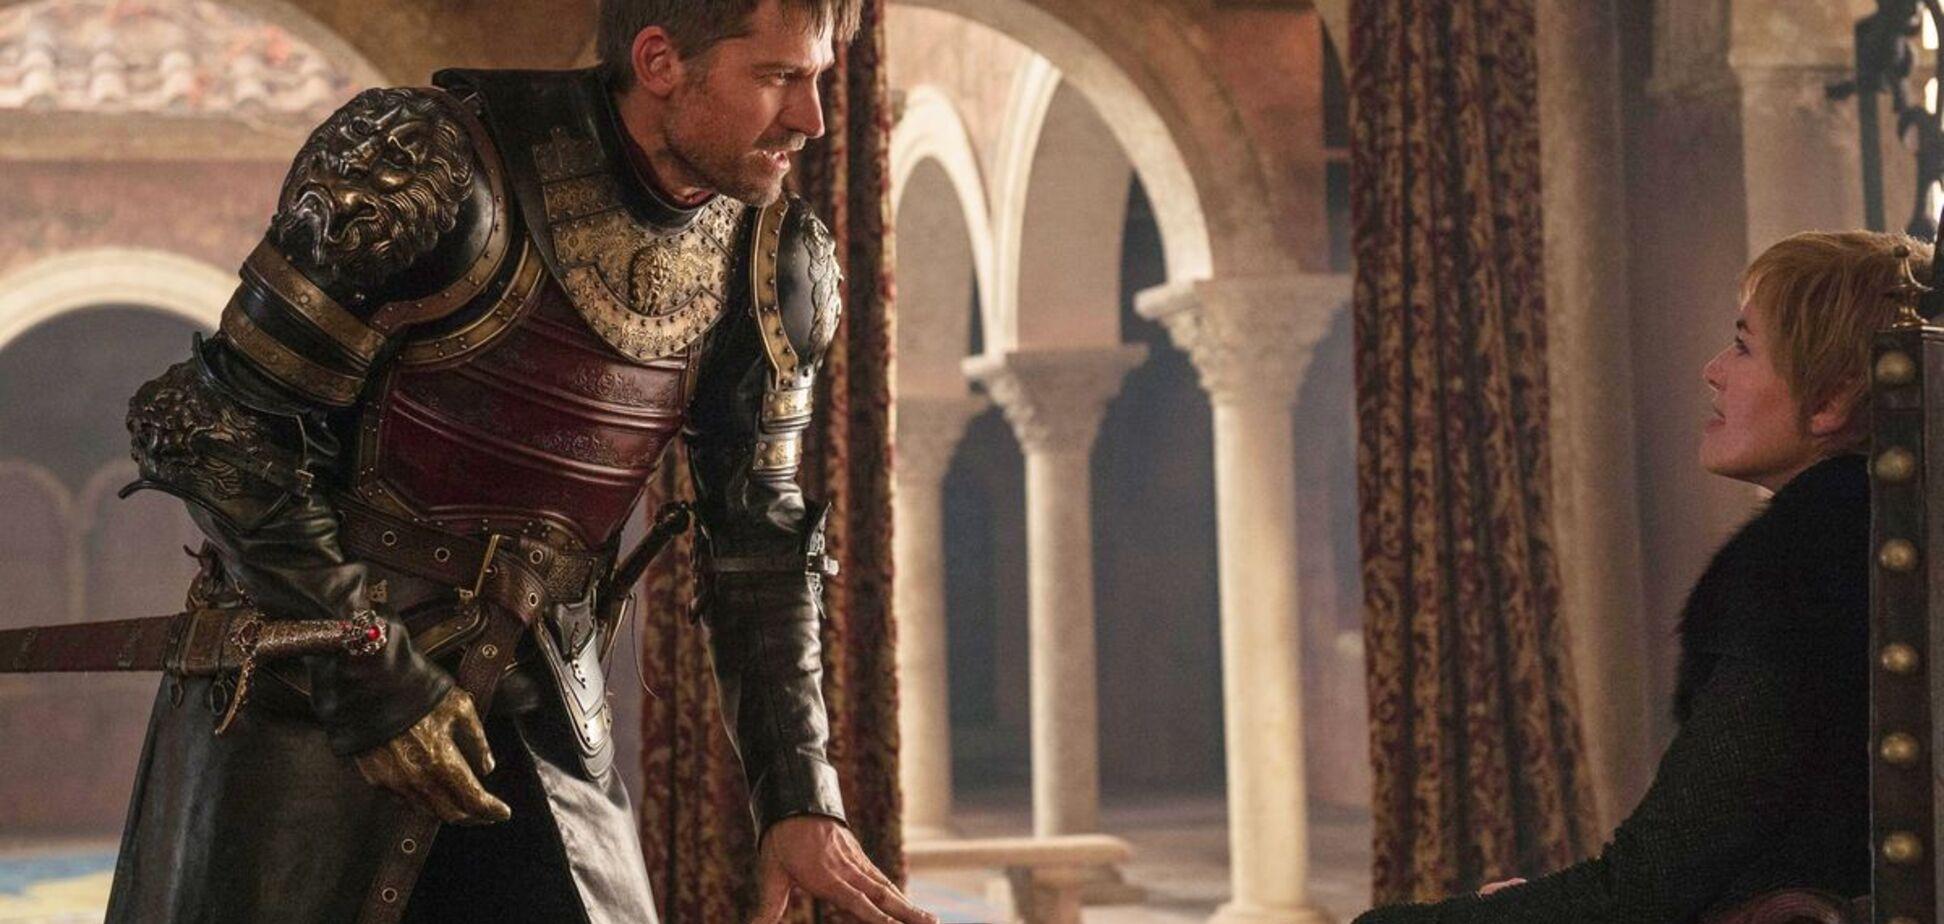 Ніколай Костер-Валдау прокоментував фінал 'Ігри престолів'